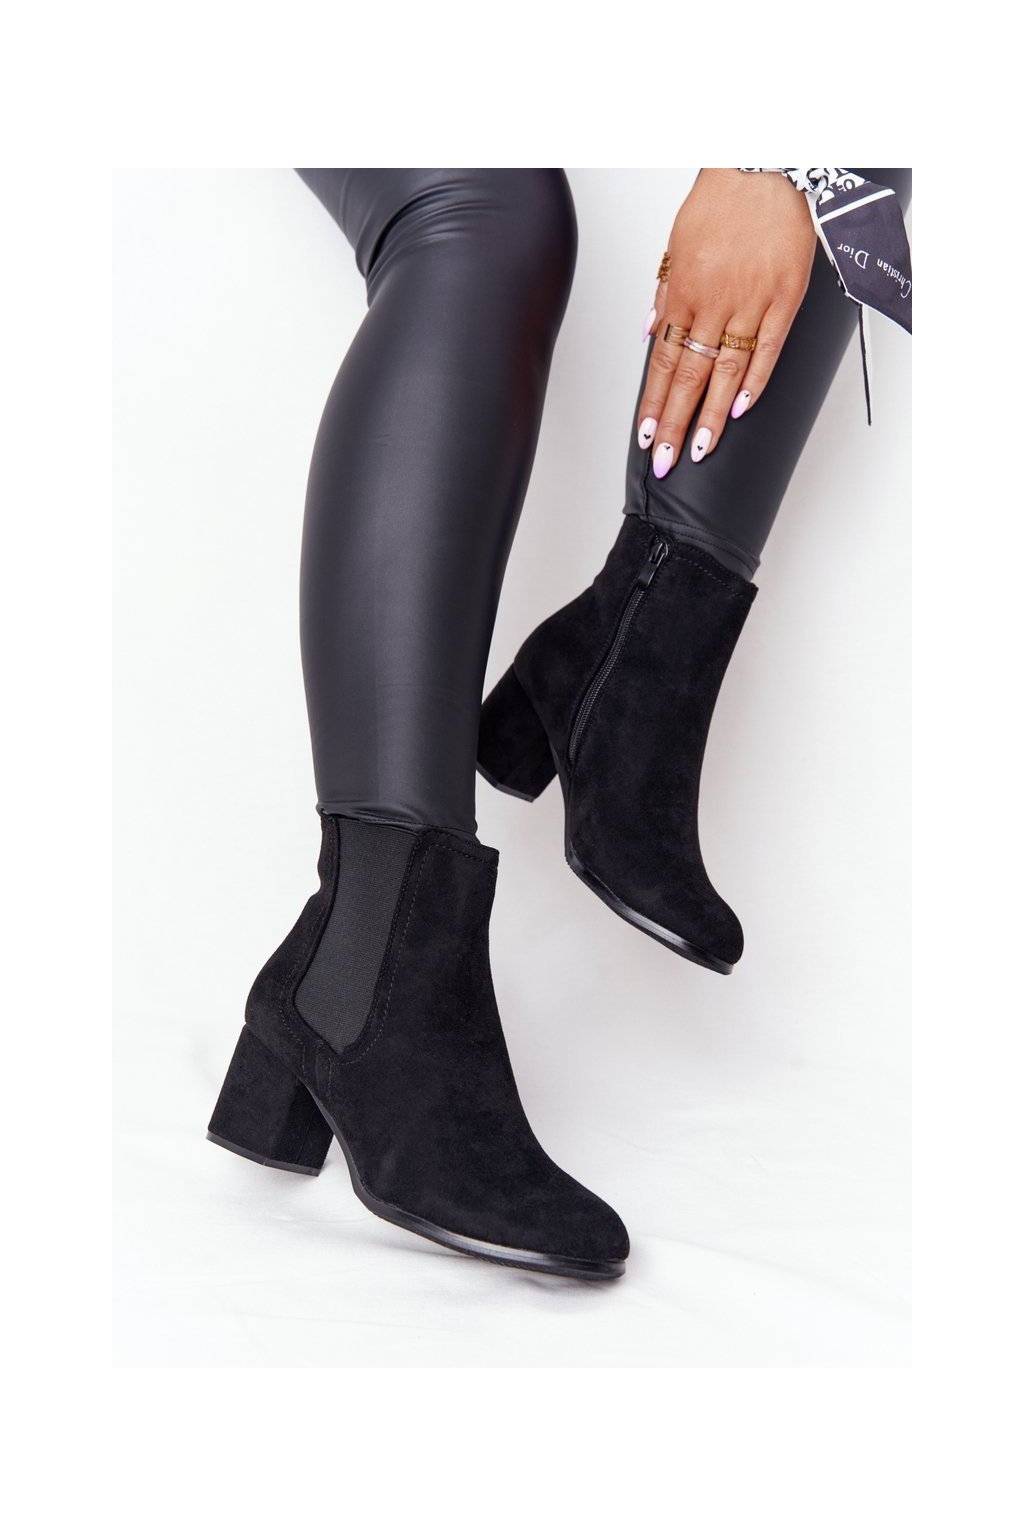 Členkové topánky na podpätku farba čierna kód obuvi A8289/A BLACK